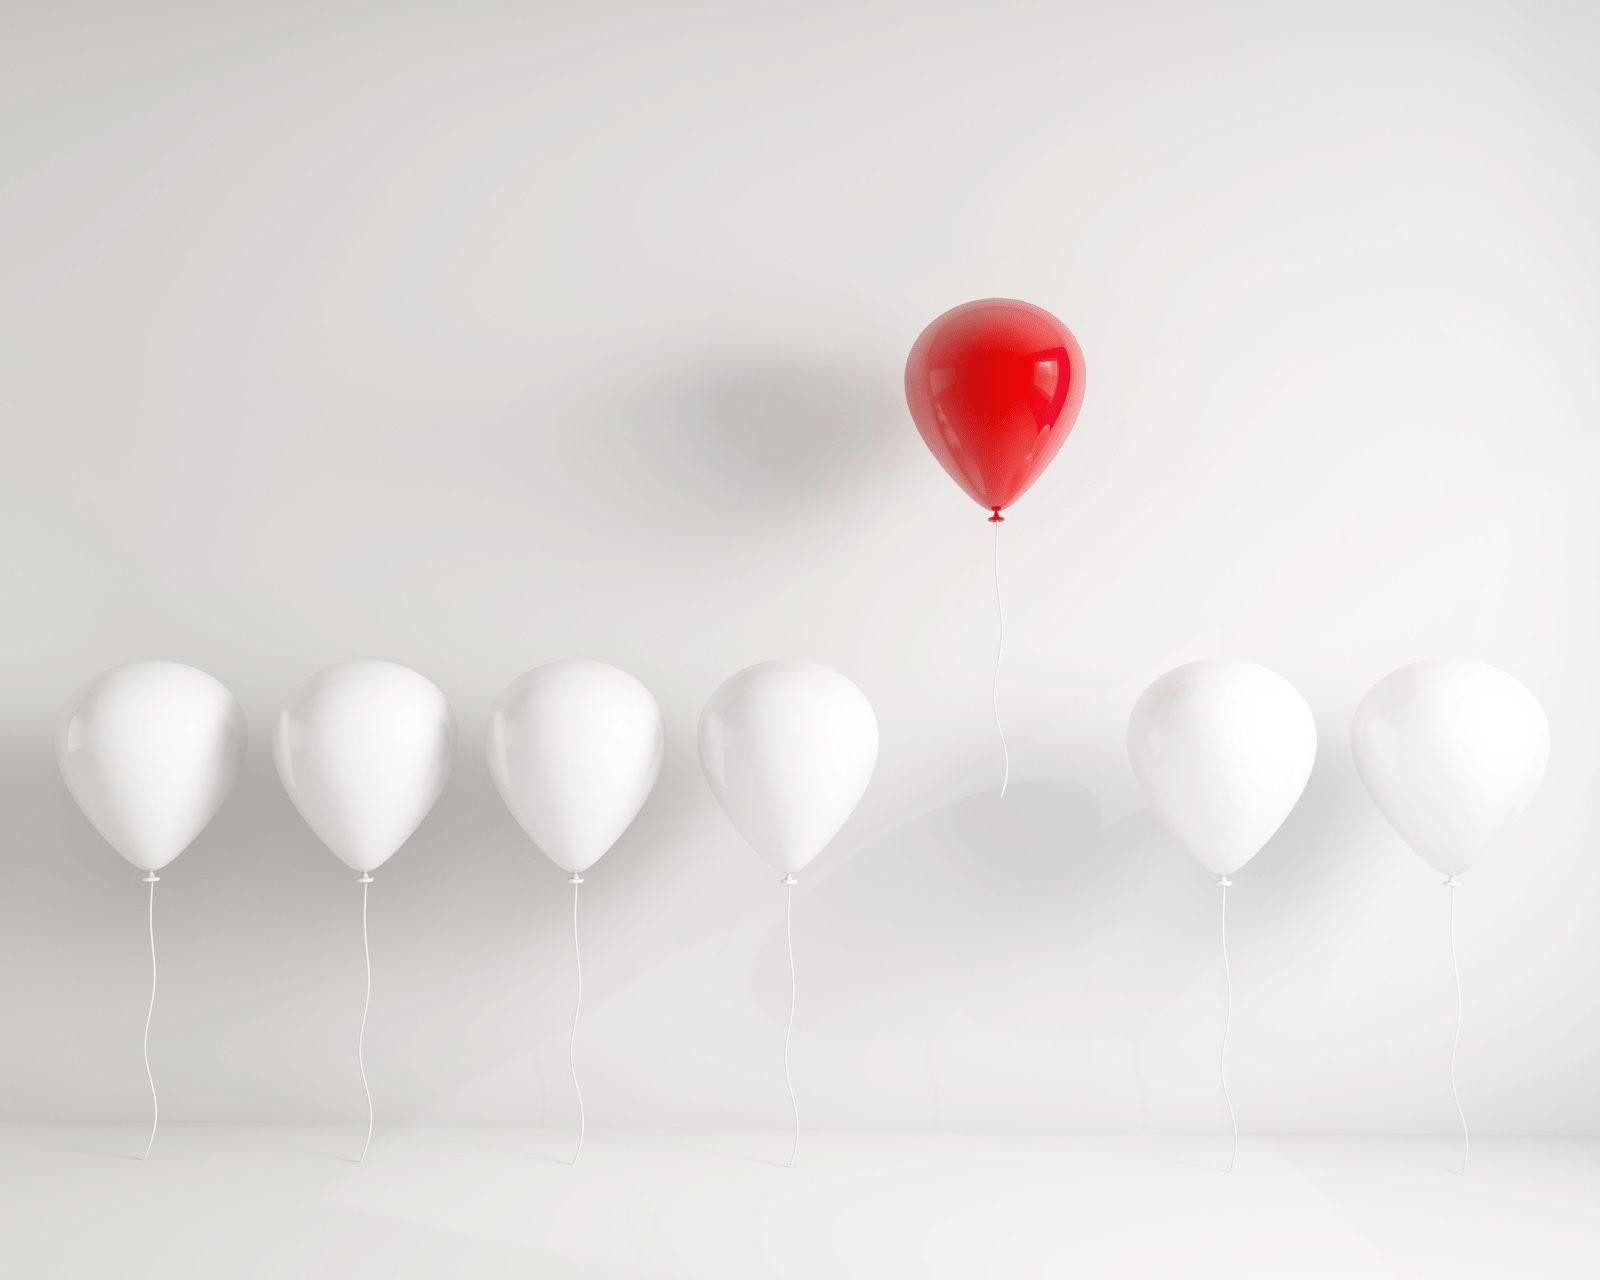 複数の白い風船と、一つの赤い風船